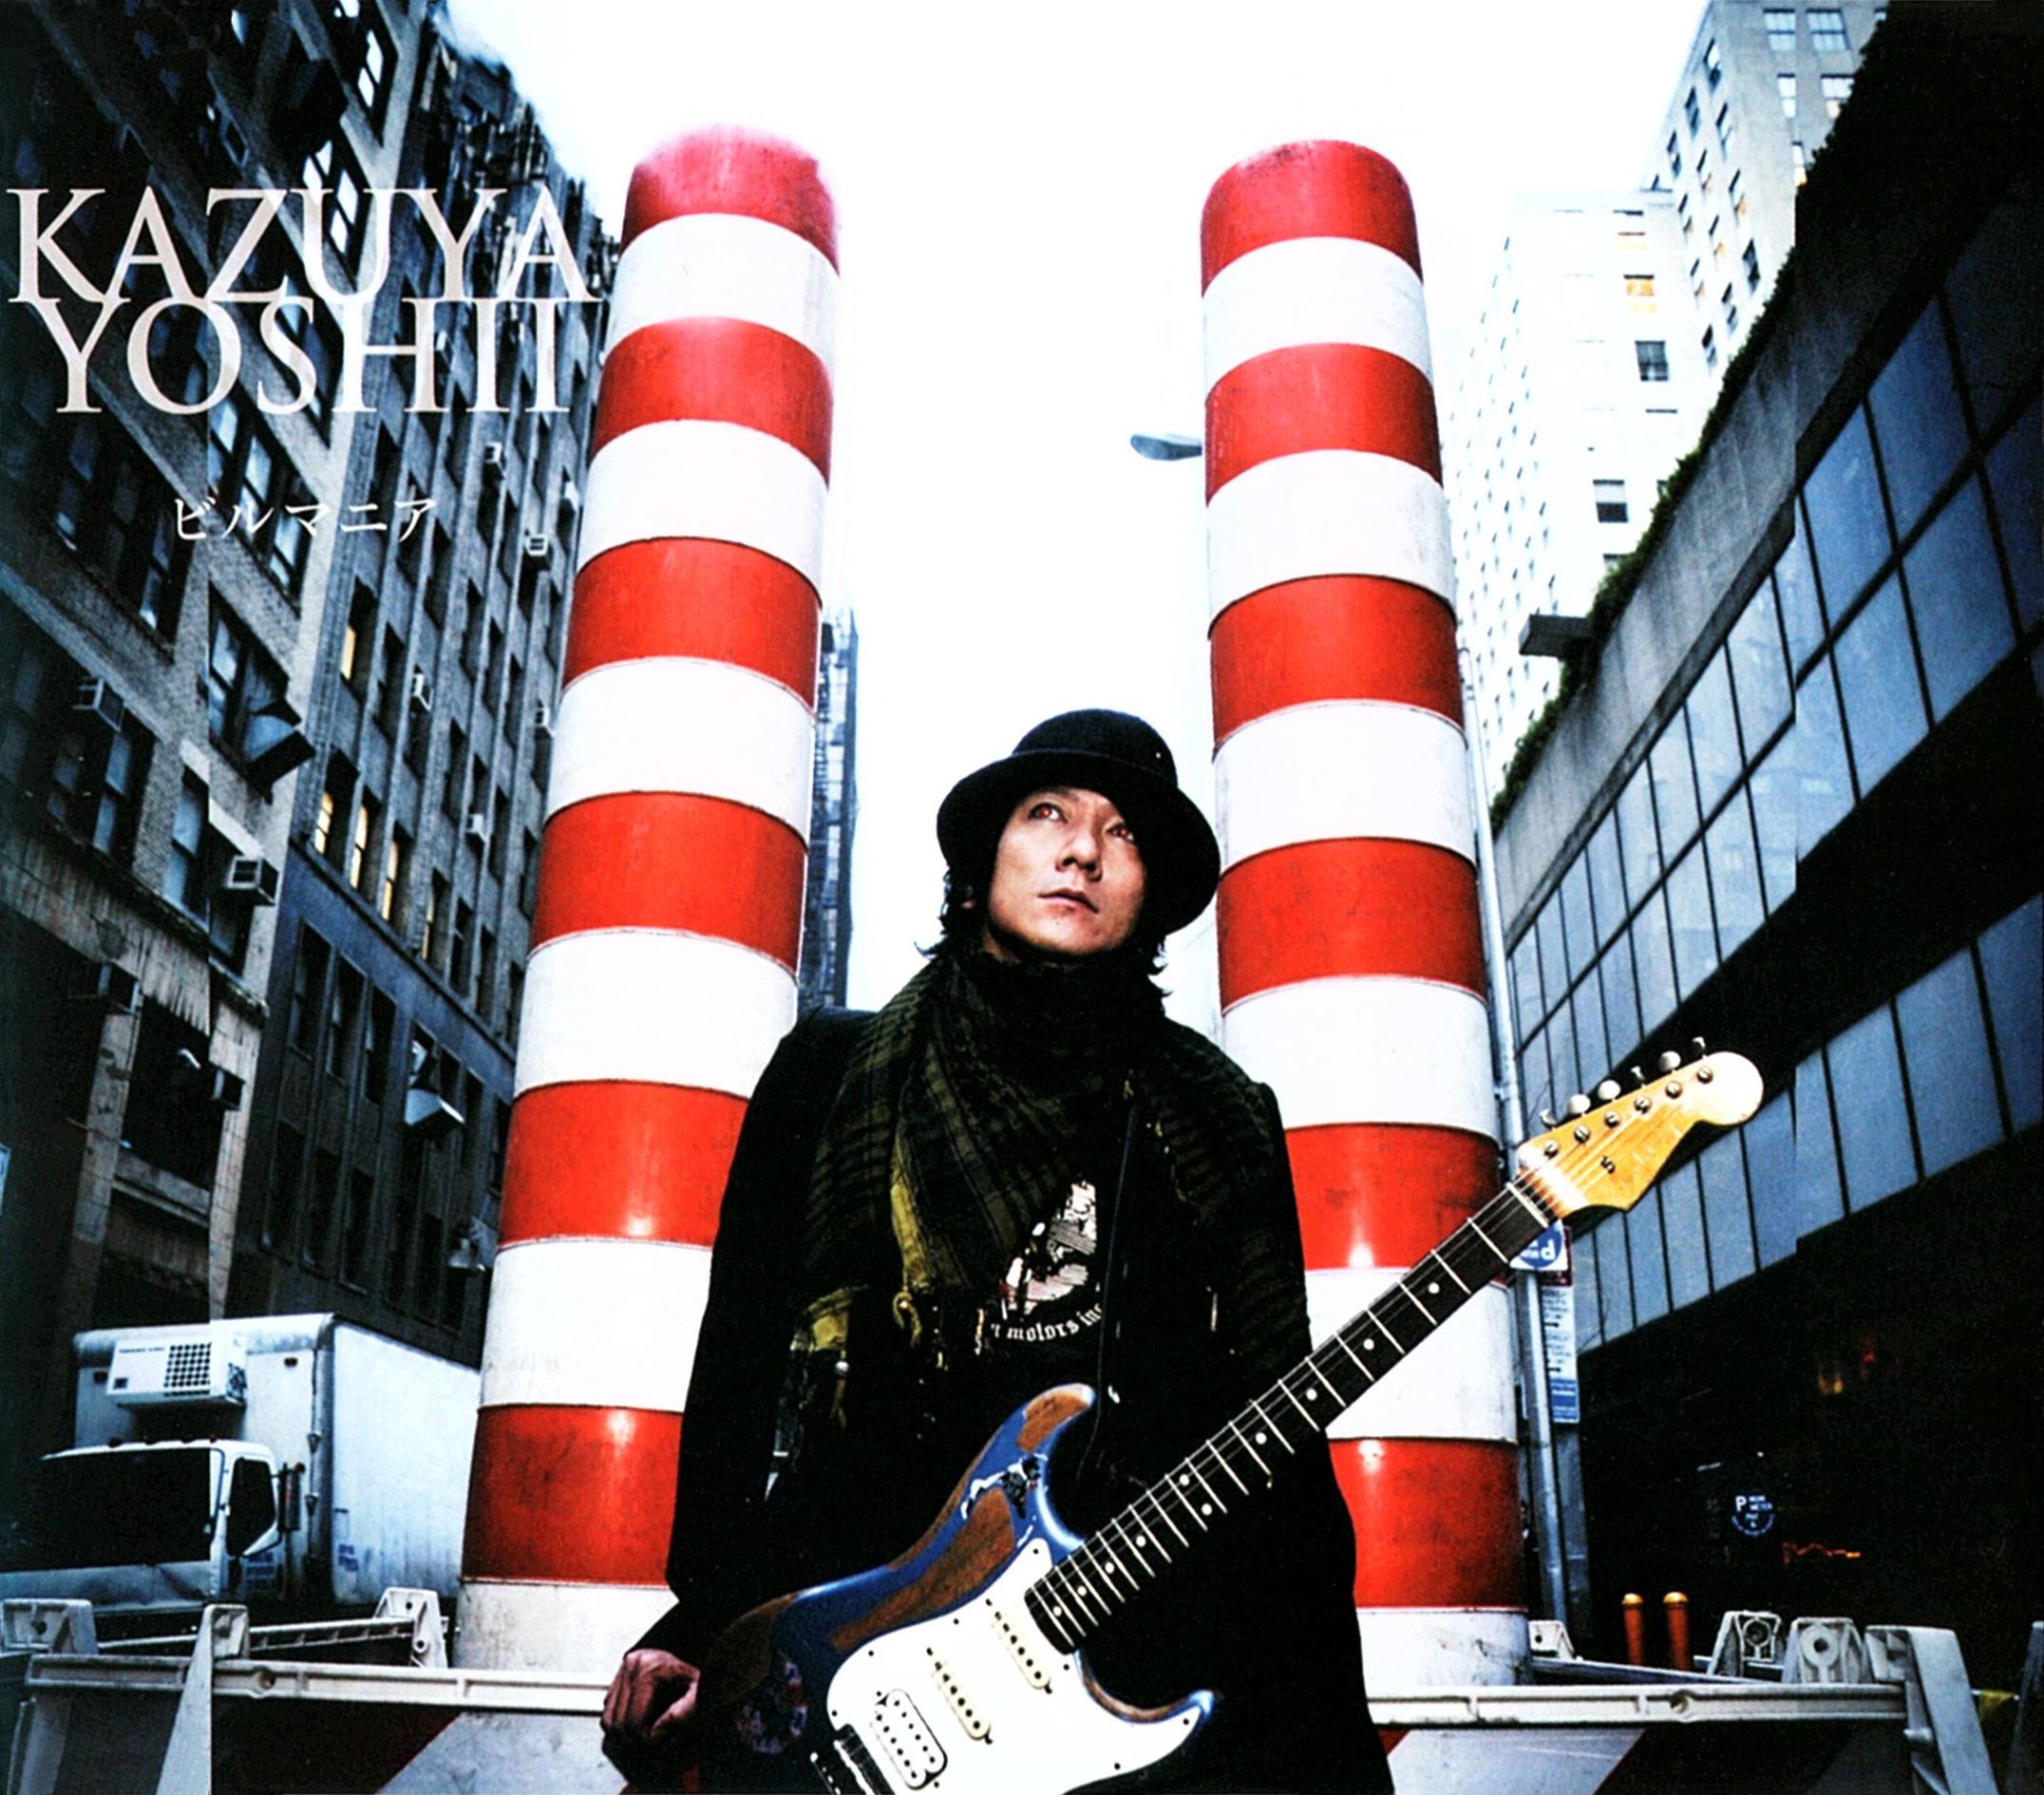 吉井和哉 (KAZUYA YOSHII) 10thシングル『ビルマニア』(2009年1月28日発売) 高画質CDジャケット画像